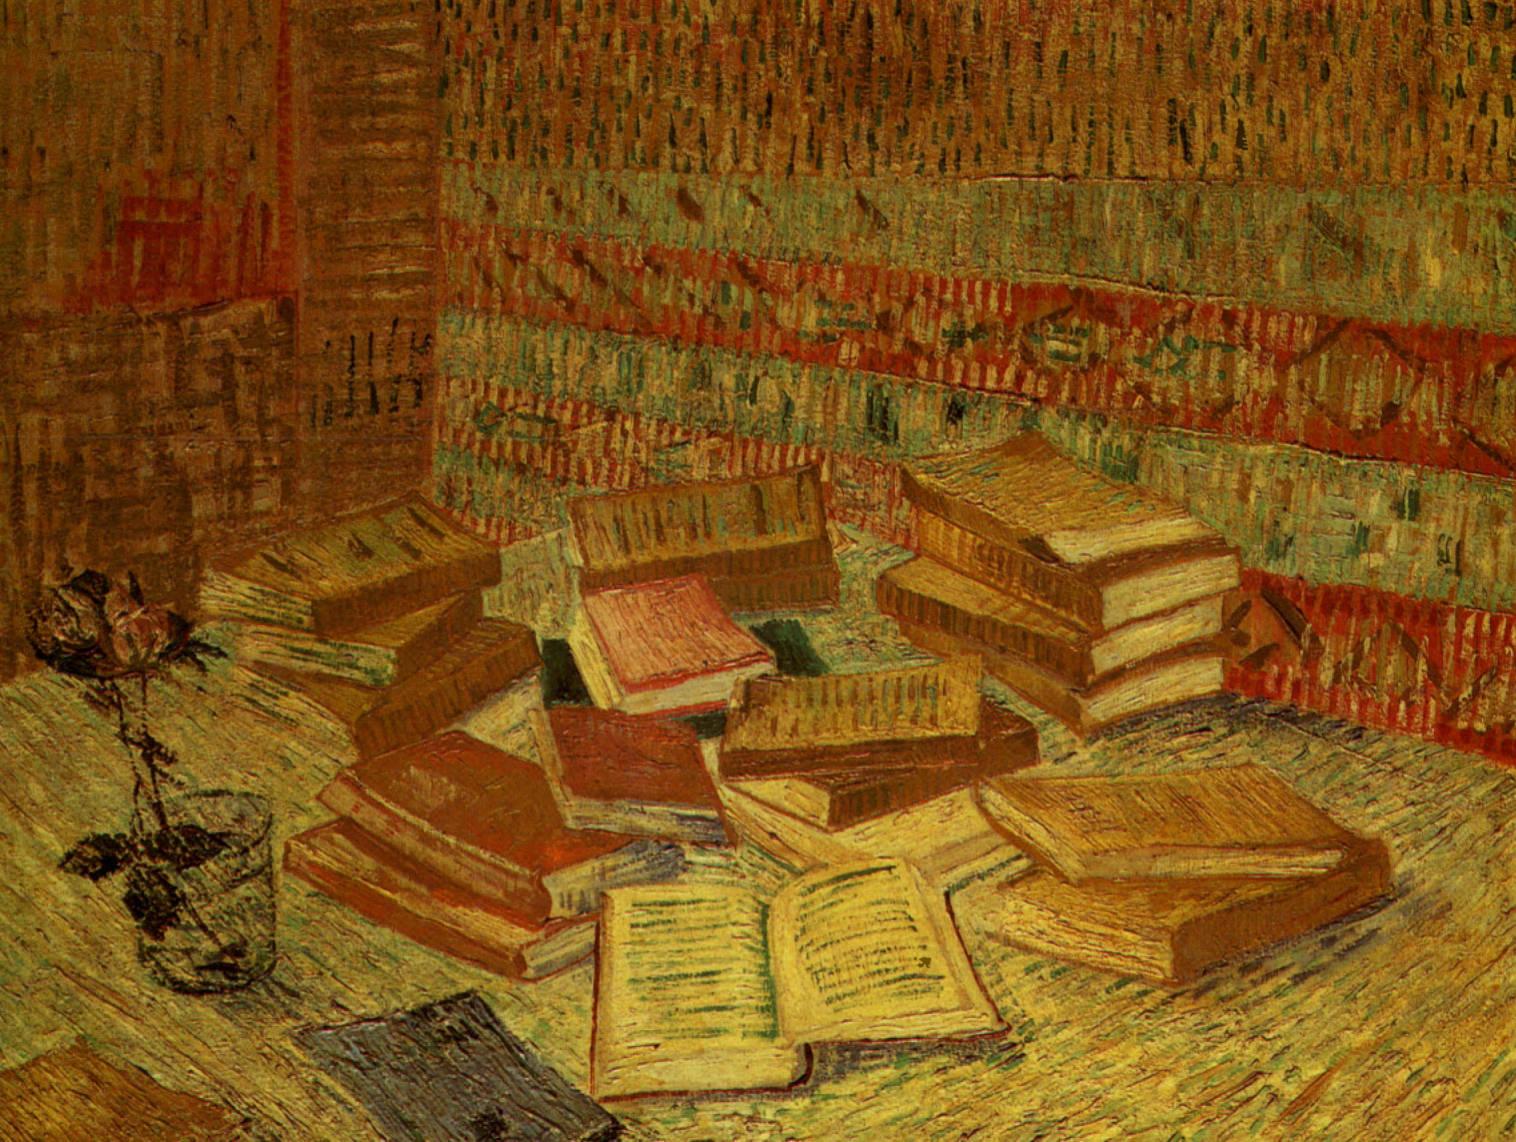 Les livres jaunes, Vincent van Gogh, 1887.